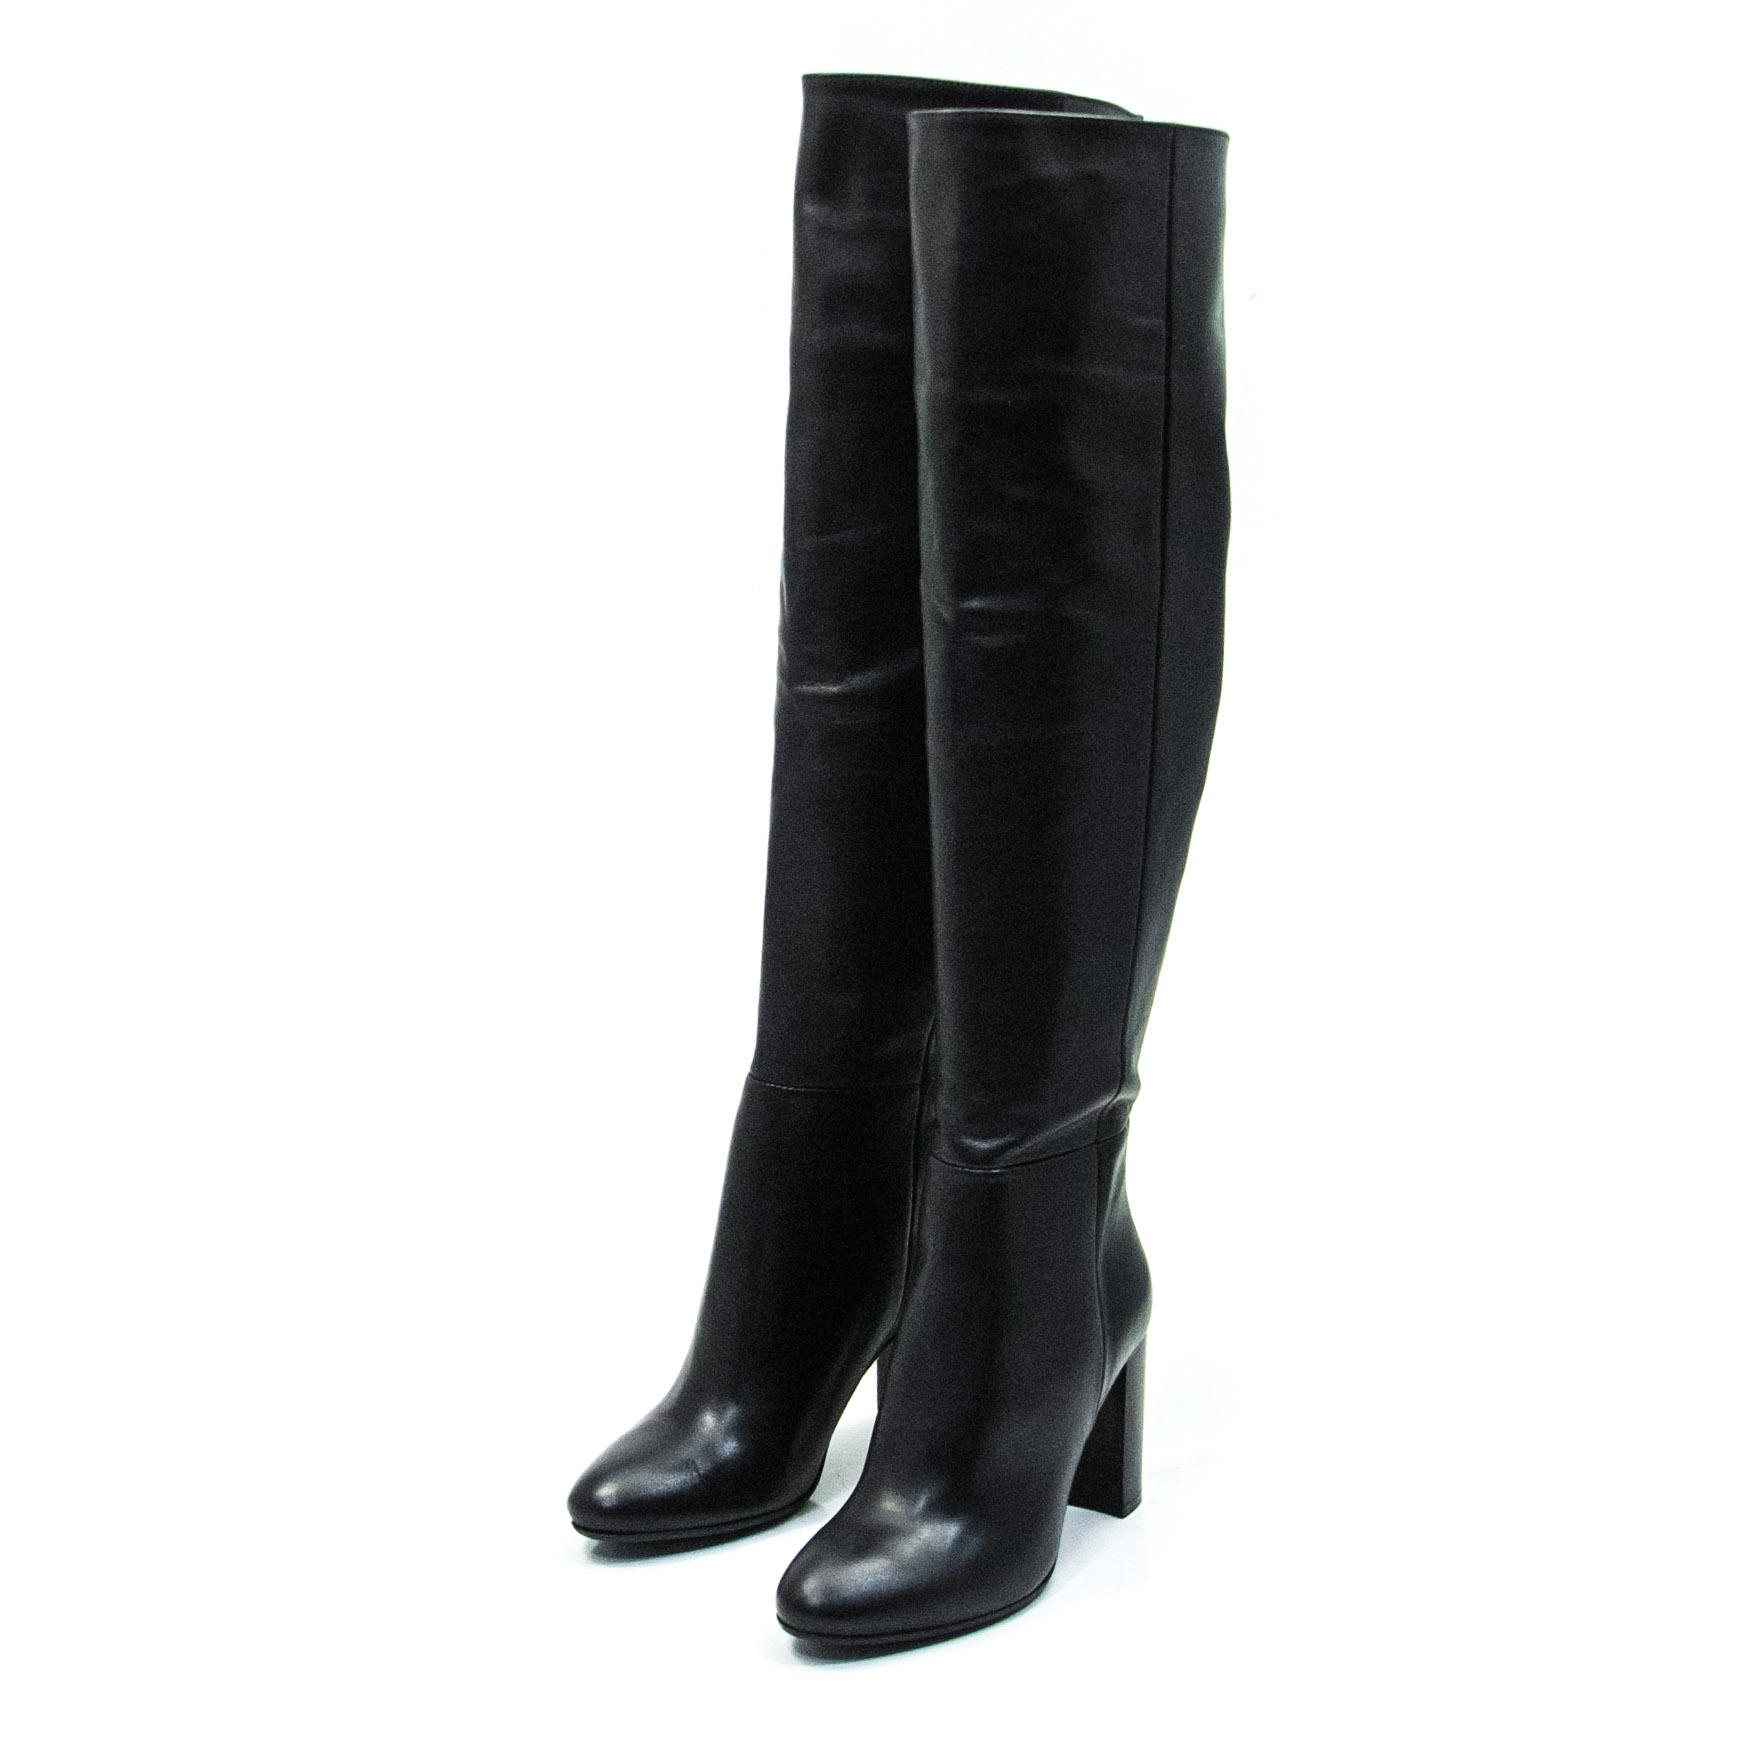 Γυναικεία μπότα WALL STREET 46920810